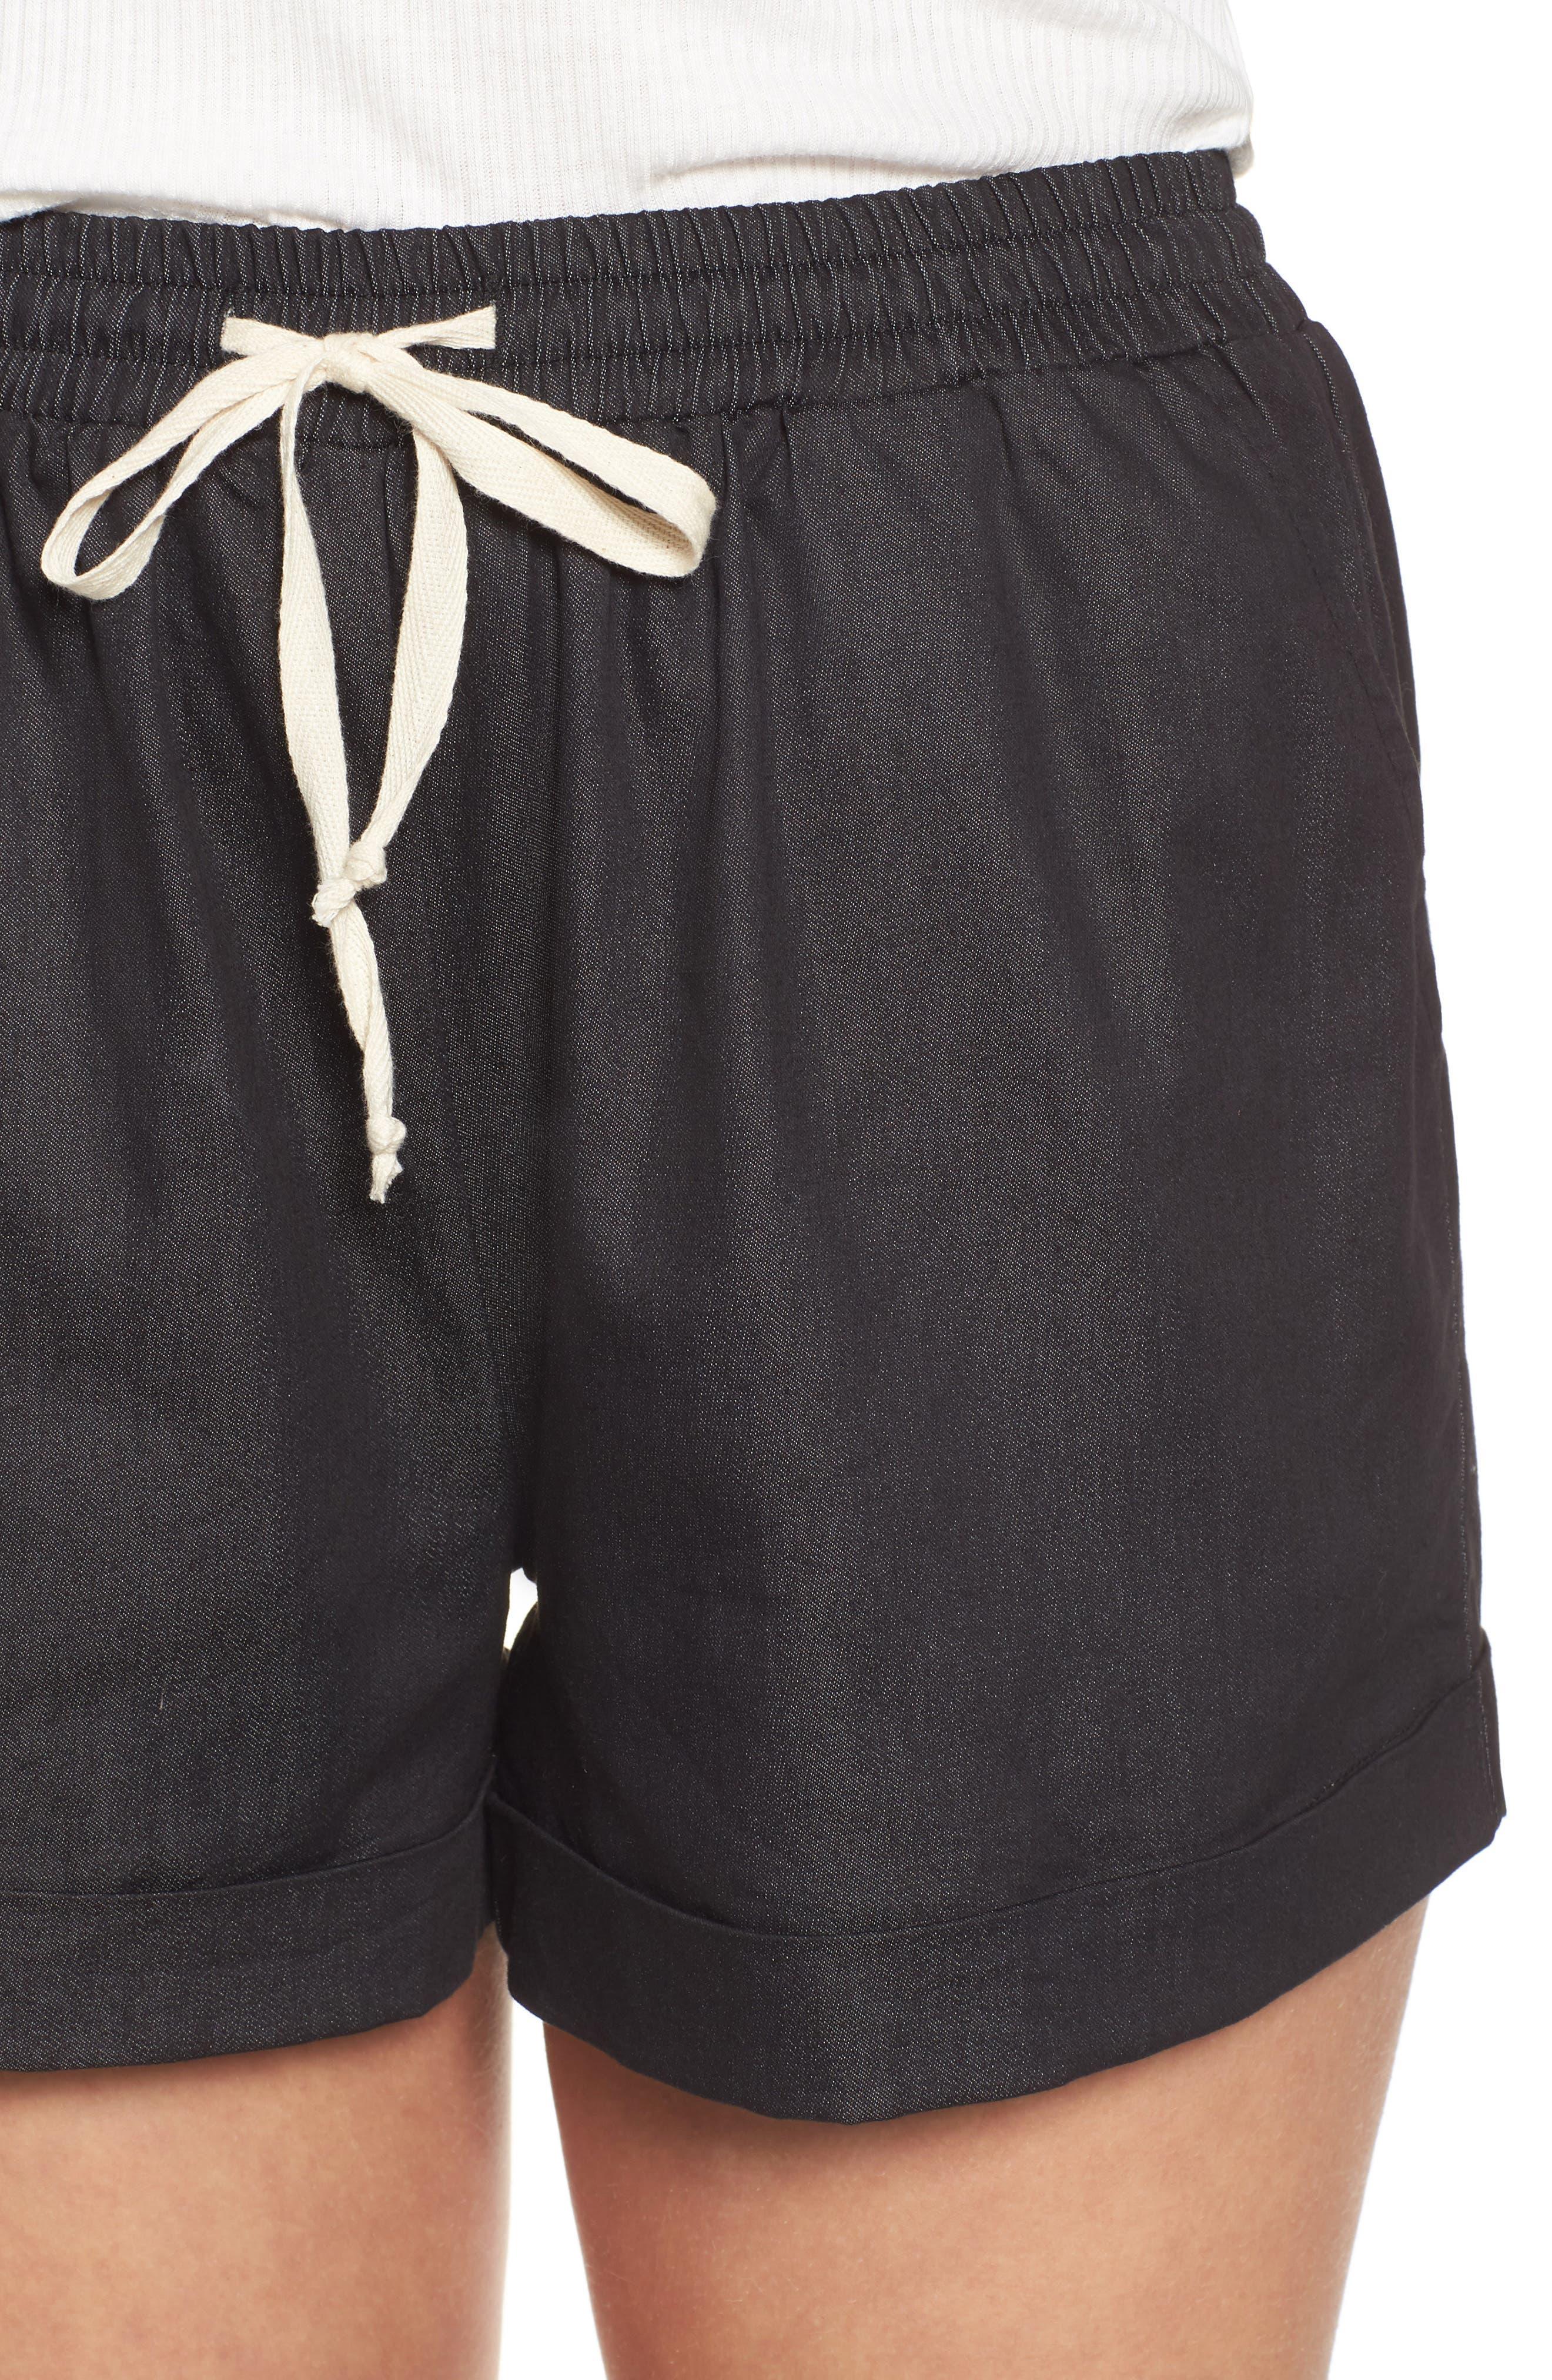 Getaway Shorts,                             Alternate thumbnail 4, color,                             003